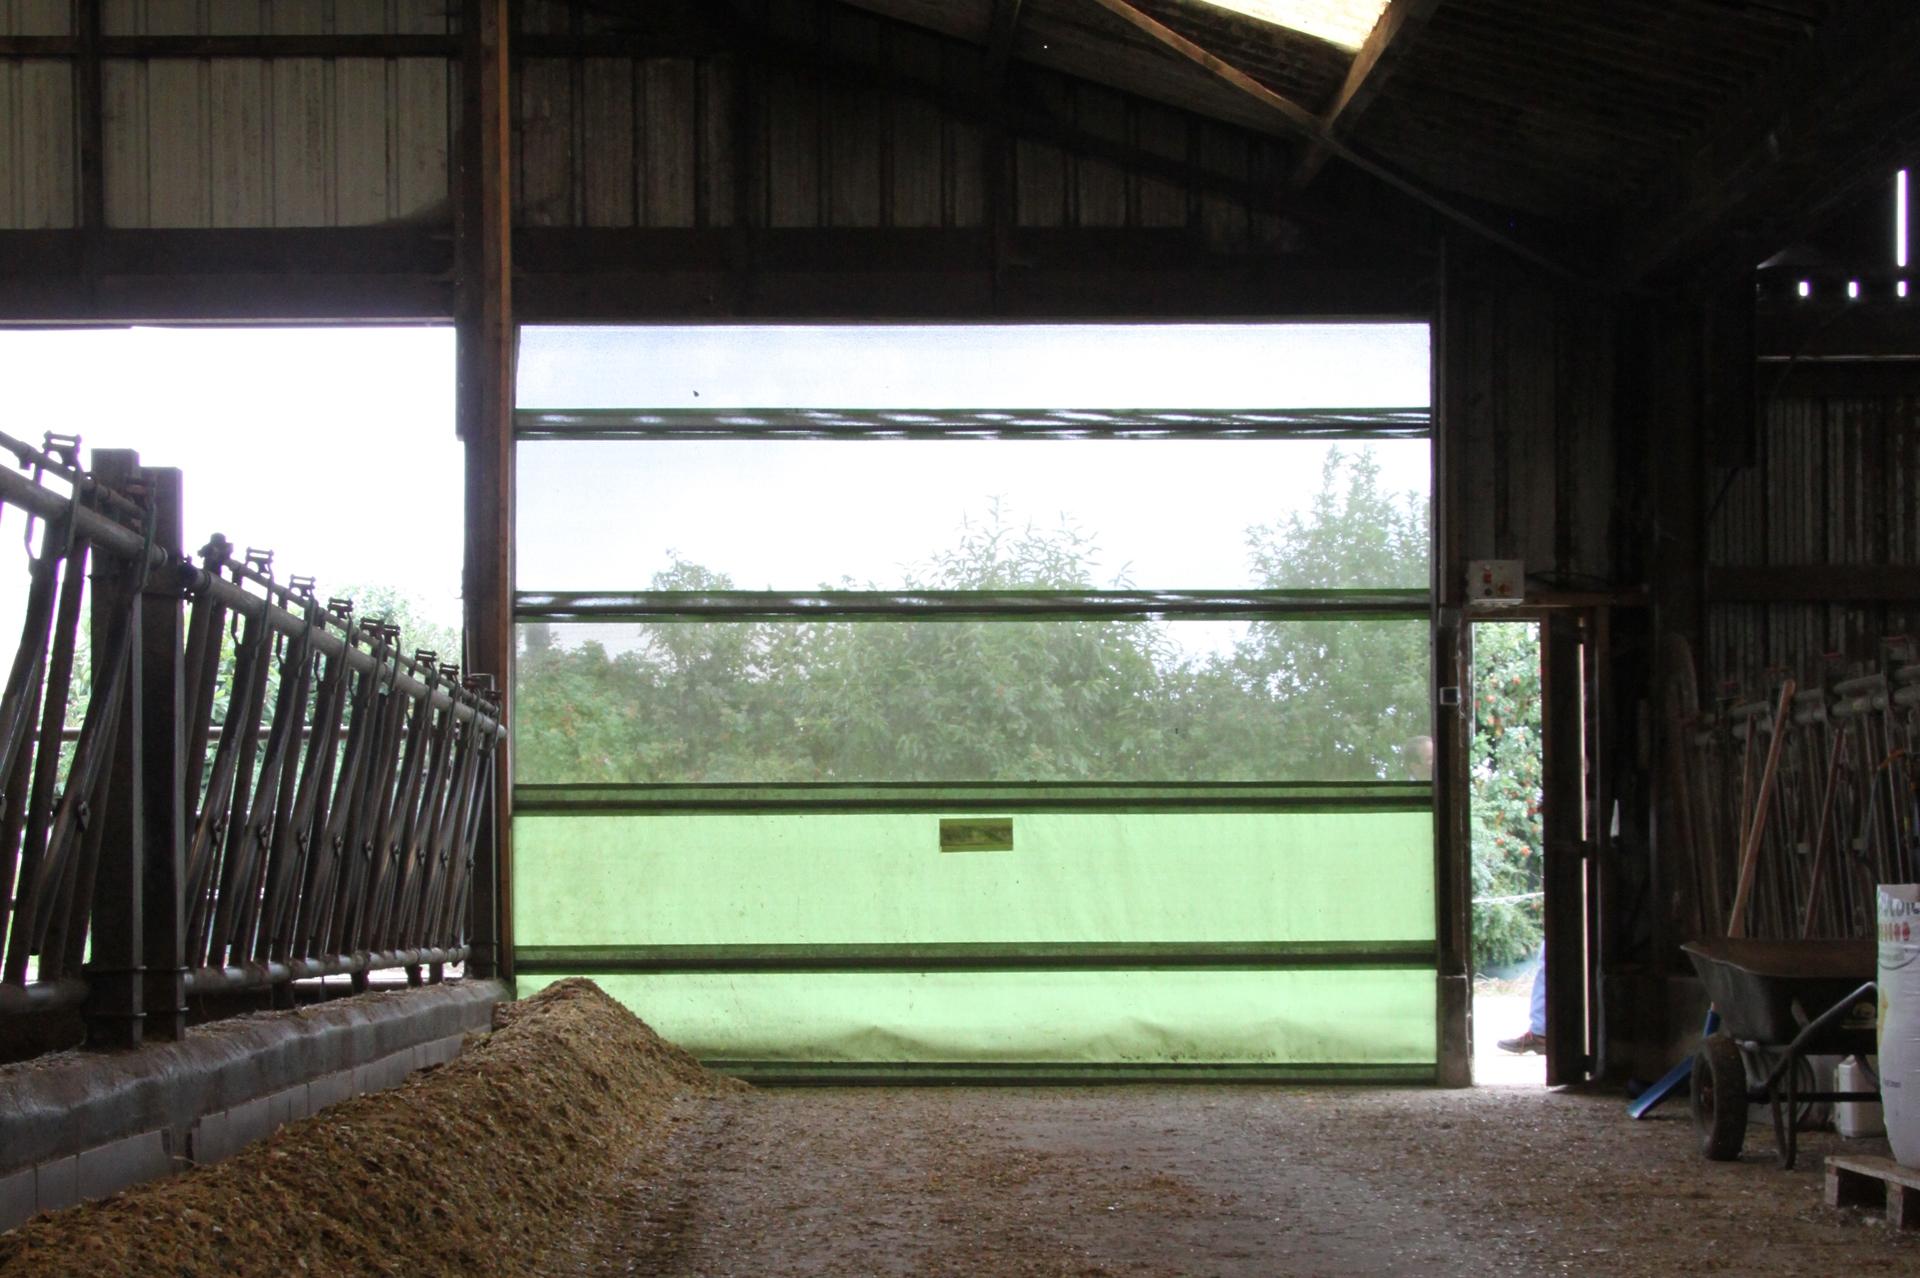 Ouvrable depuis le tracteur, le filet brise-vent Celloporte Winch est télécommandé. Il apporte lumière et aération dans la stabulation.